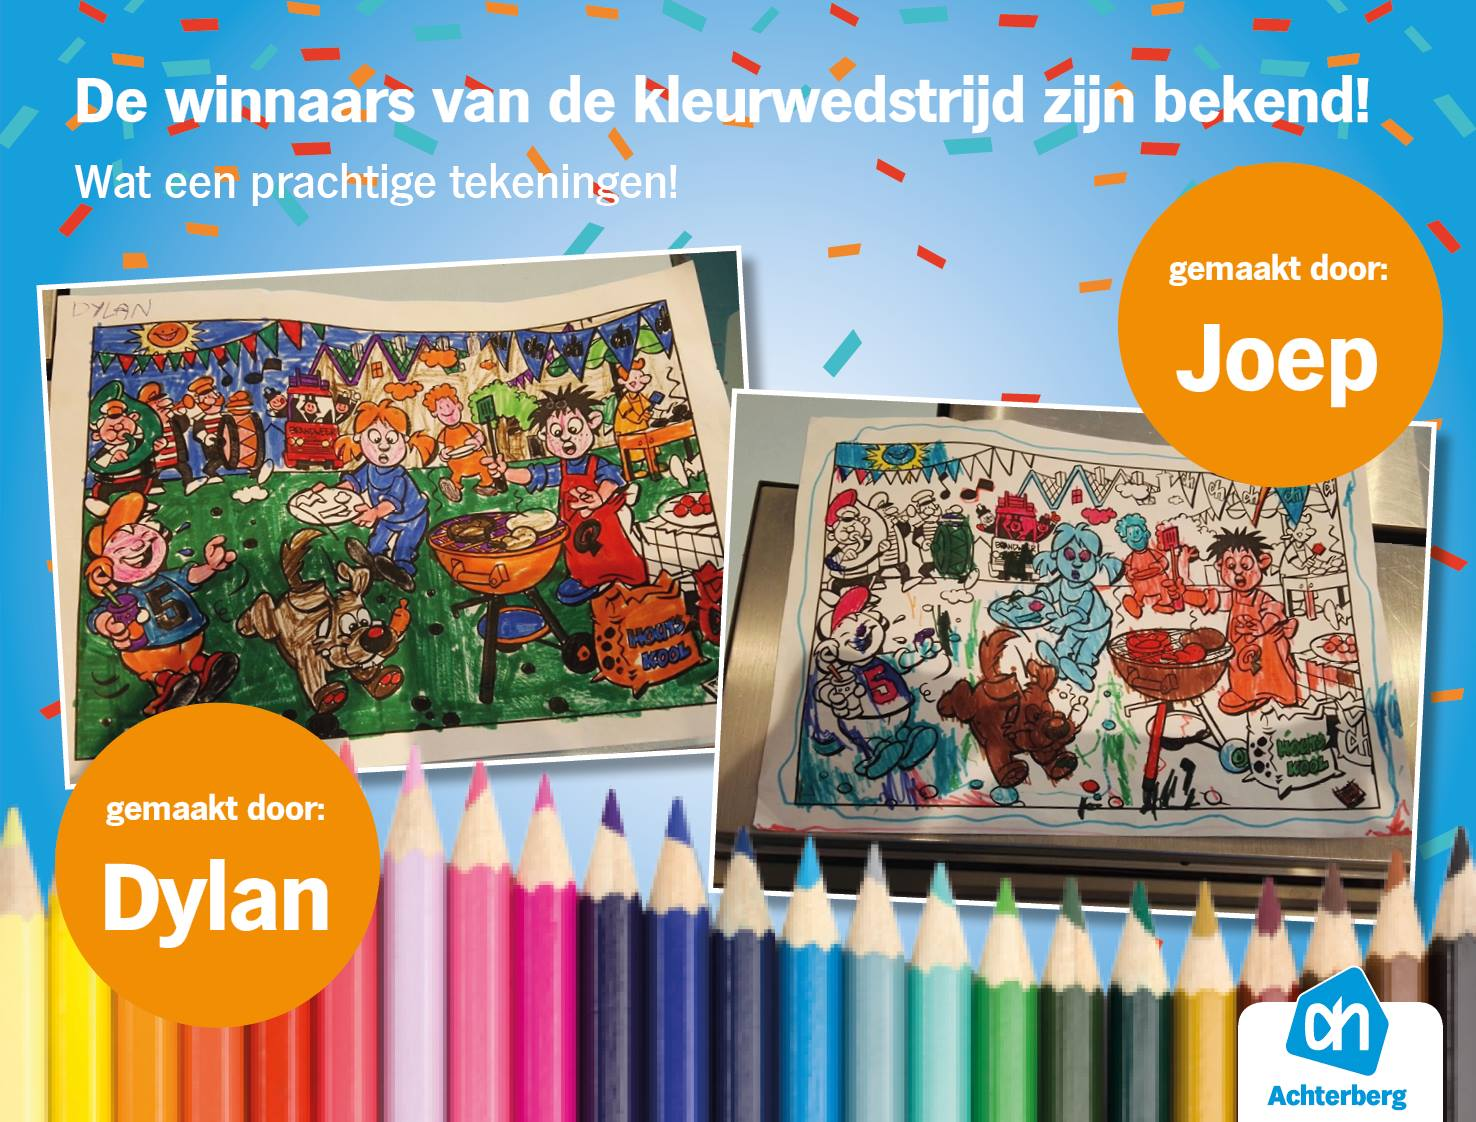 De winnaars van de kleurwedstrijd zijn bekend! Wat een prachtige tekeningen!